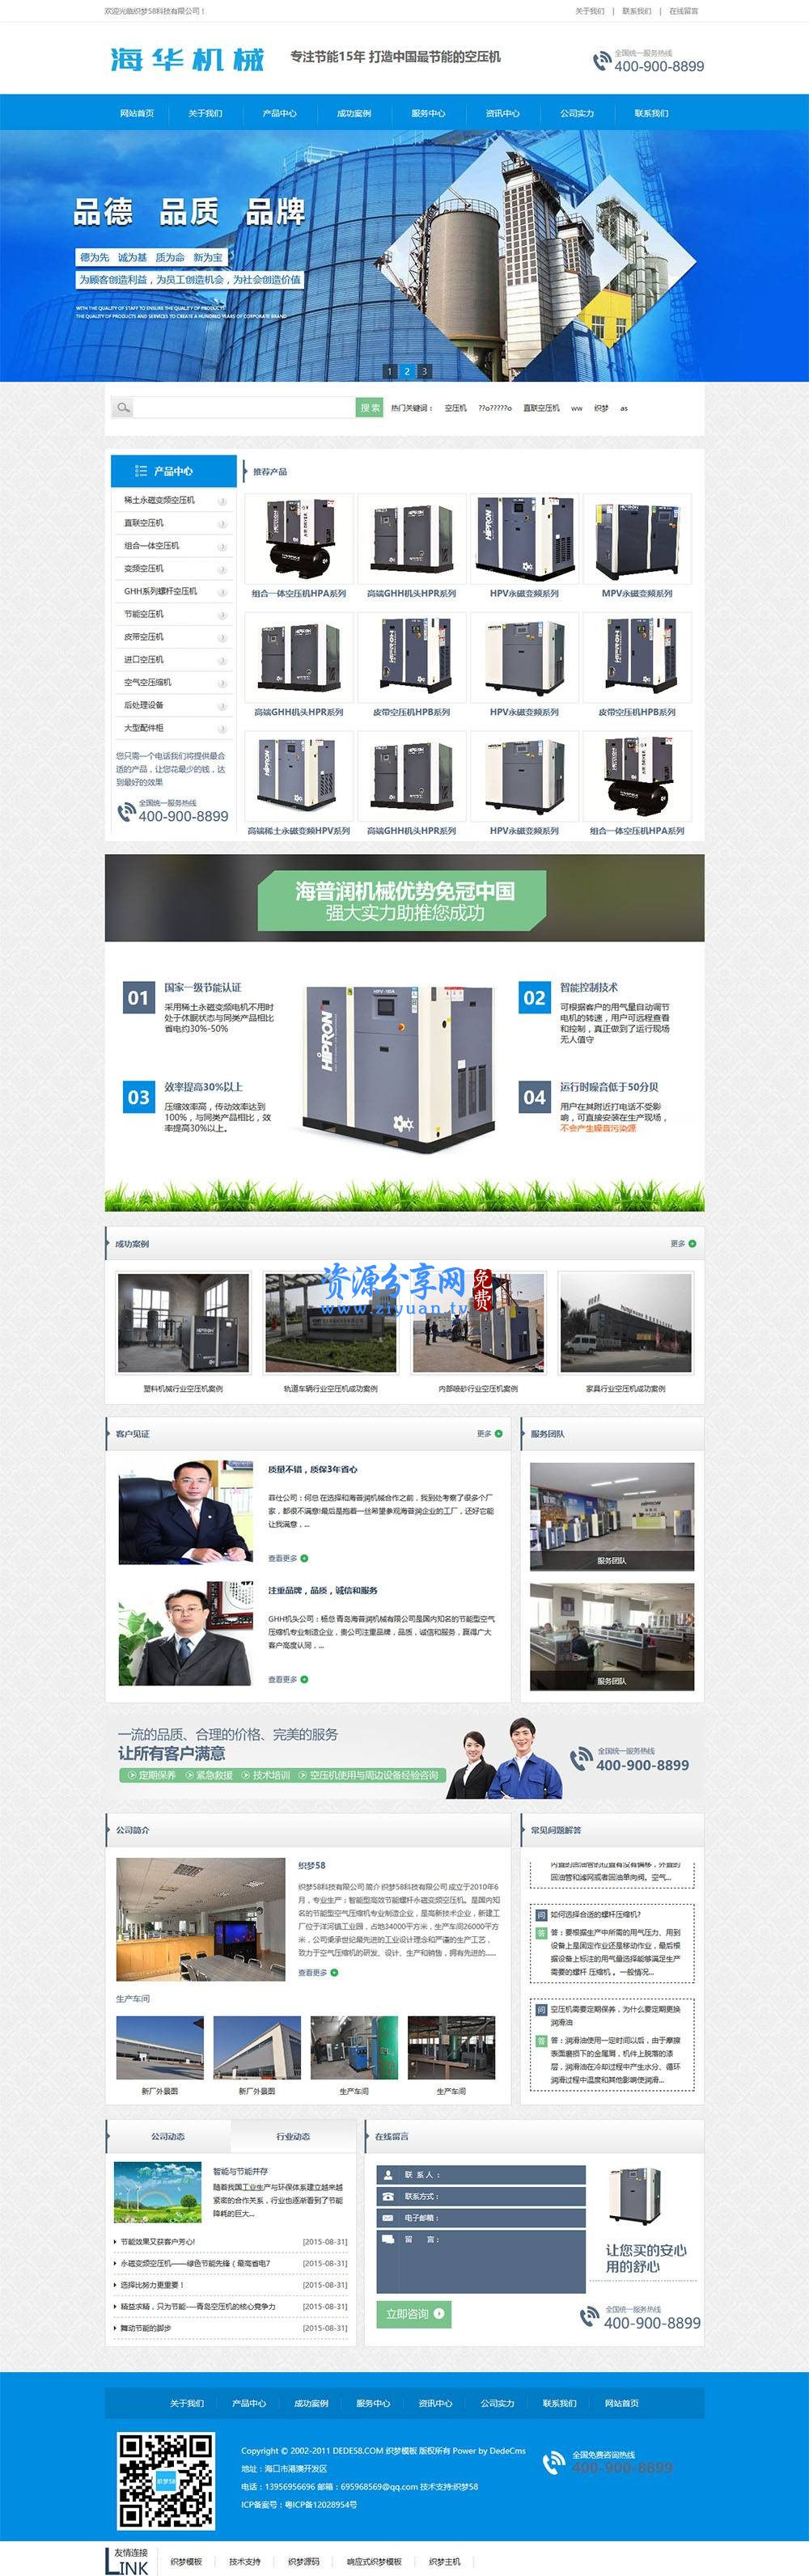 营销型大气机械设备类企业网站织梦模板-资源分享网